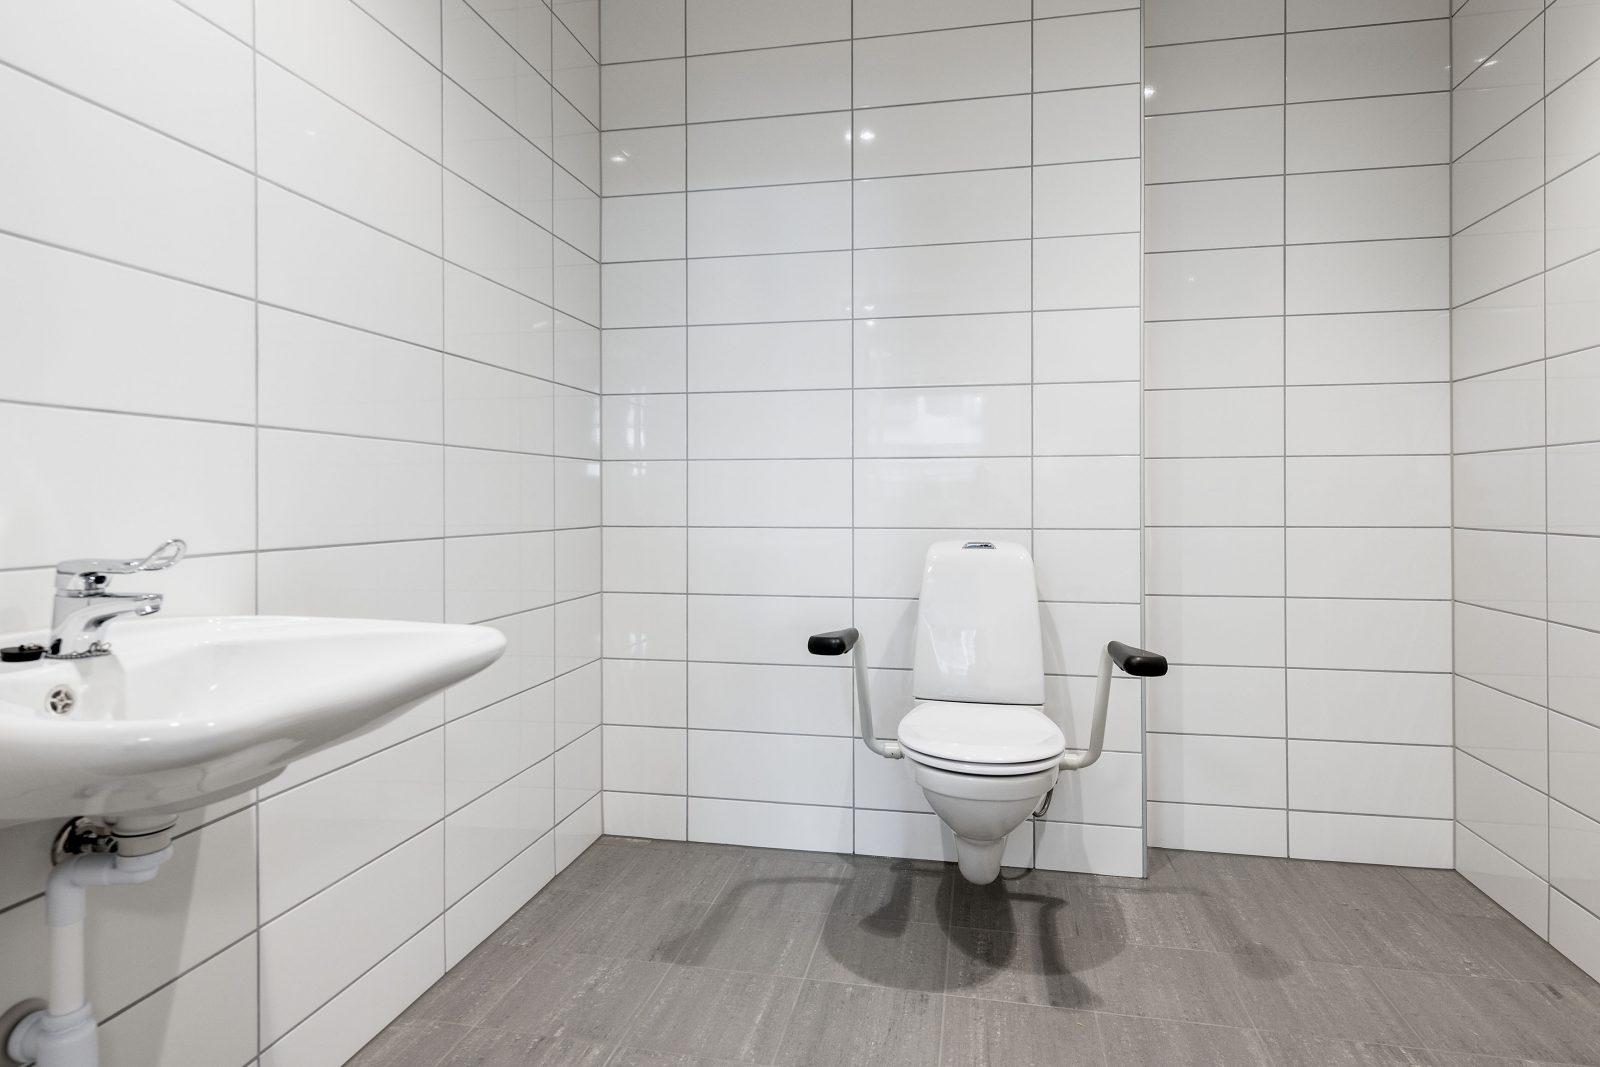 Topp moderne bad og wc